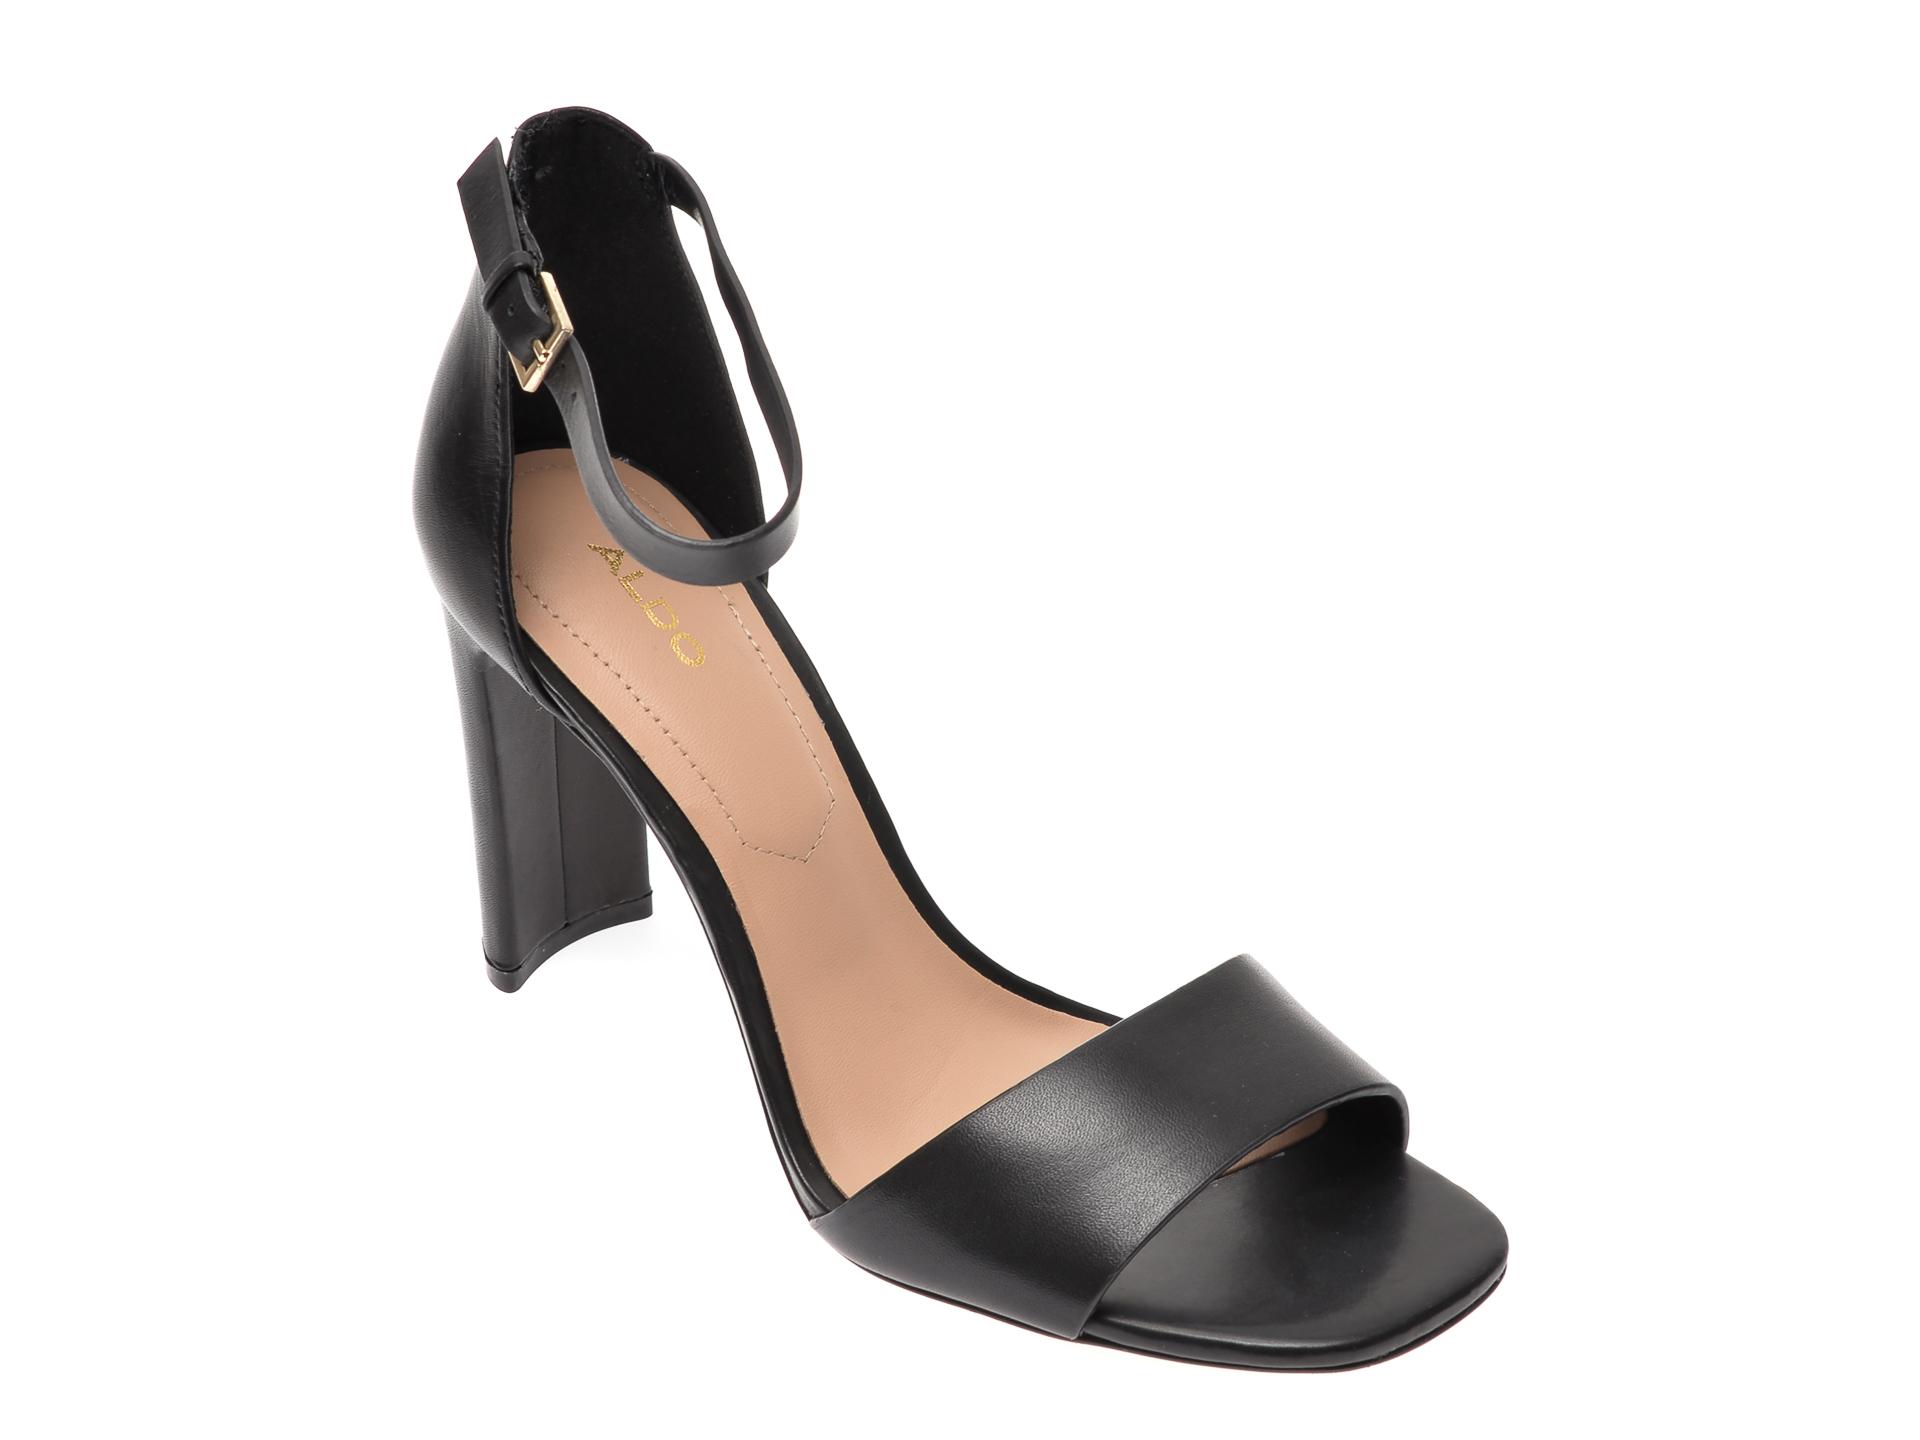 Sandale ALDO negre, Jeremy001, din piele naturala